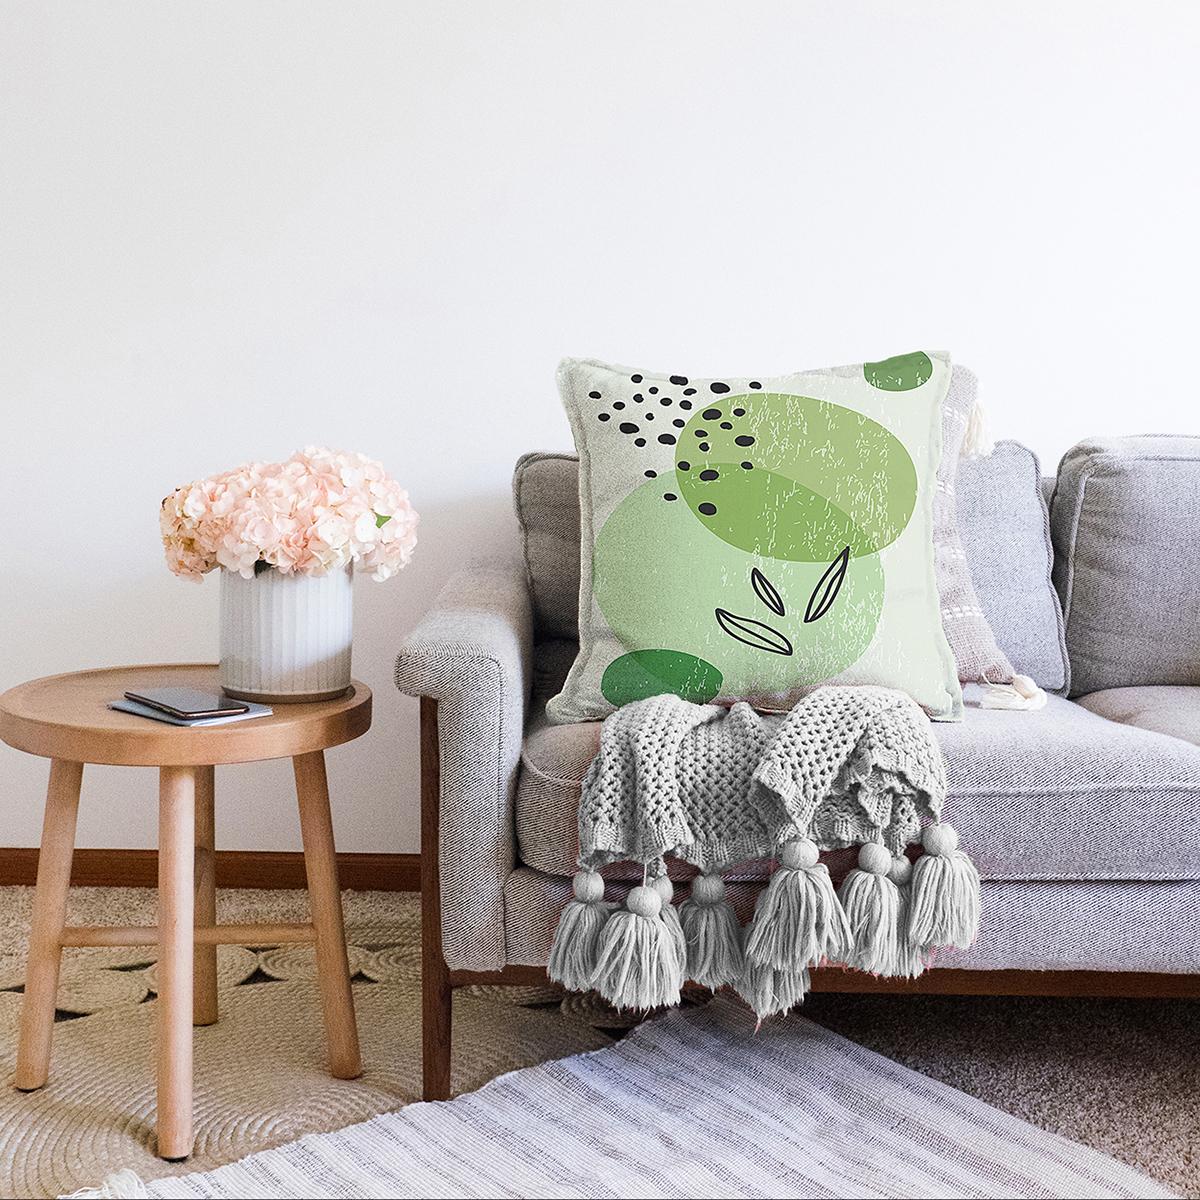 Çift Taraflı Renkli Zeminde Yaprak Motifli Dijital Baskılı Modern Şönil Yastık Kırlent Kılıfı Realhomes